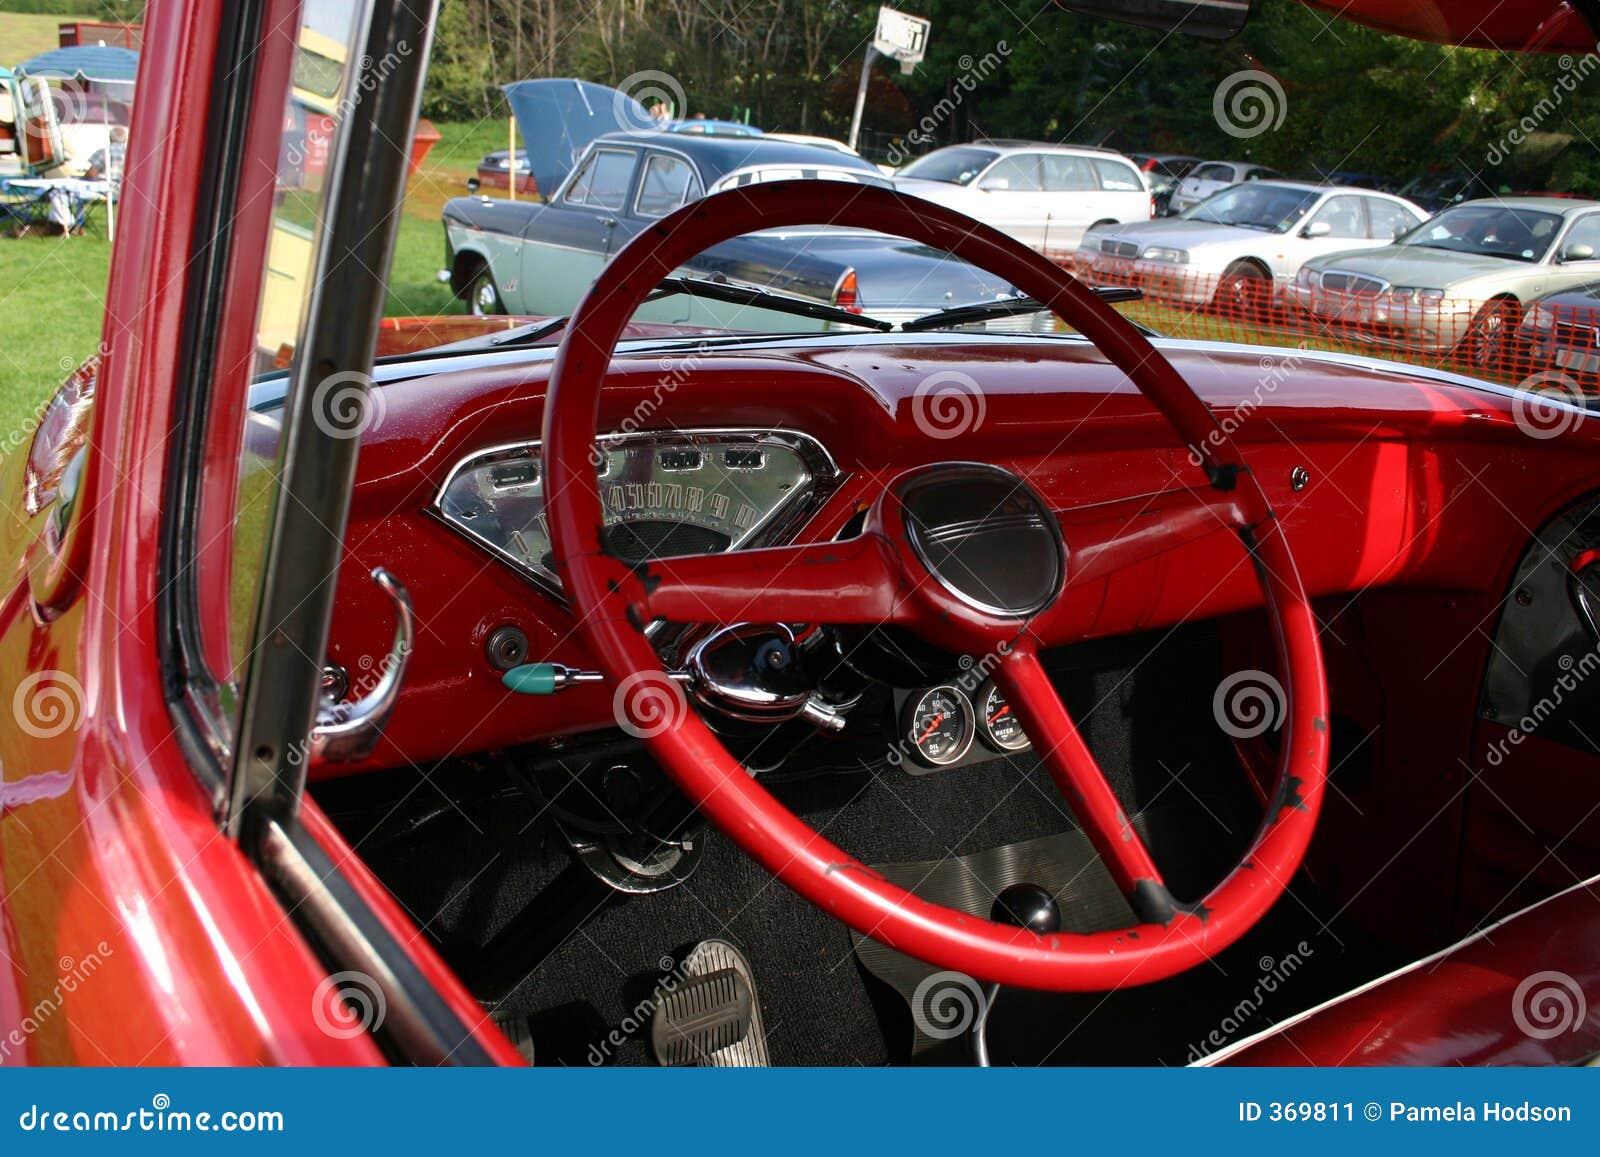 Fein Freier Chevy Lkw Schaltplan Fotos - Der Schaltplan - triangre ...